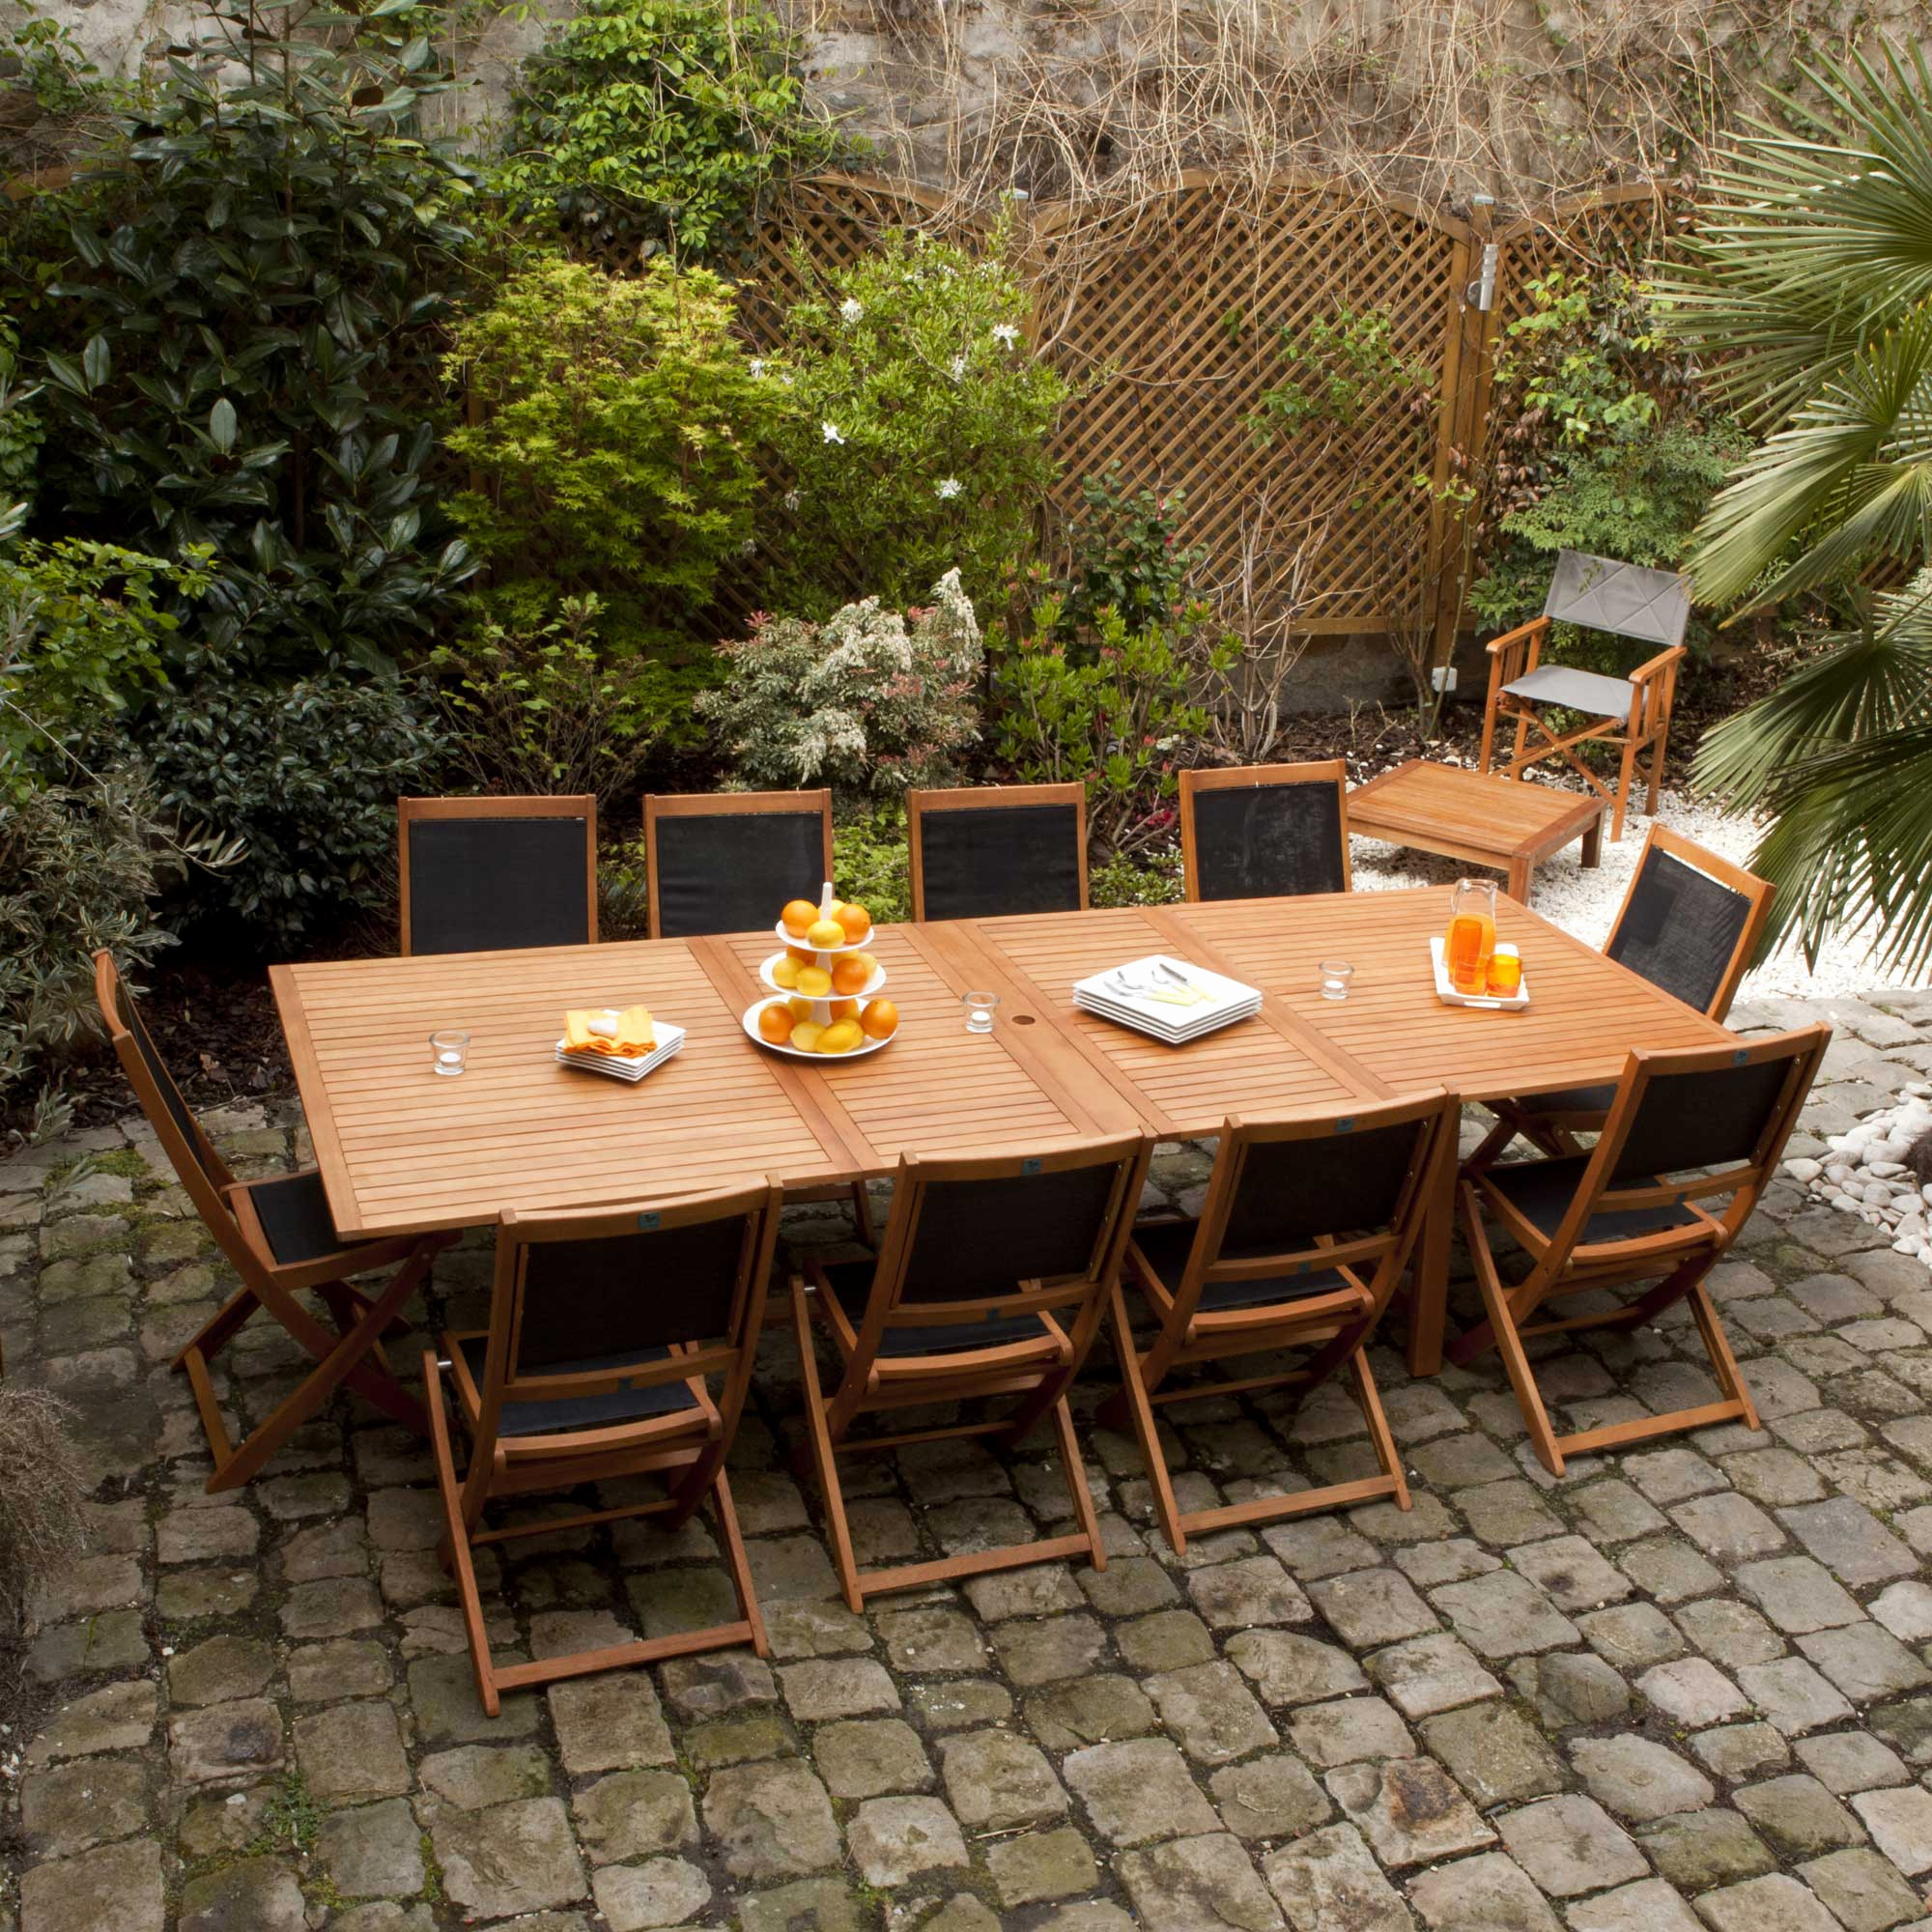 Serre De Jardin Pas Cher Leclerc Impressionnant Collection Chaise Longue De Jardin Leclerc Ainsi Que Rétro Serre De Jardin Pas